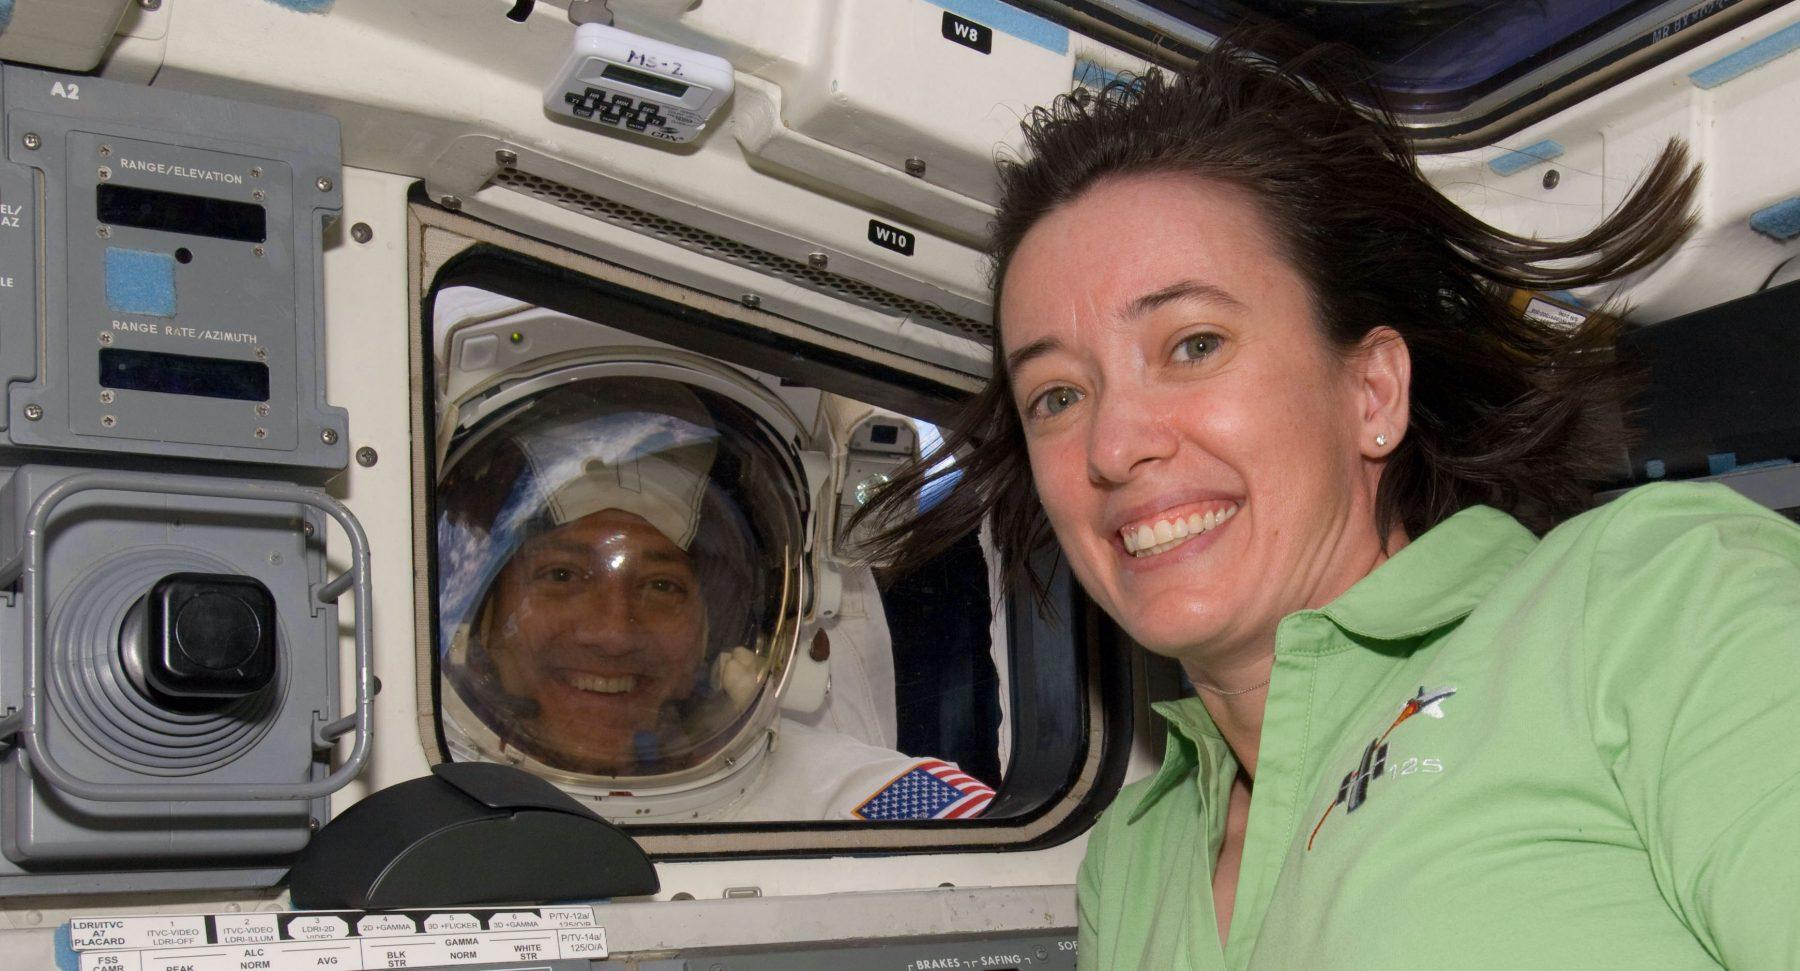 Amerikaans echtpaar maakt ombeurten ruimtereis